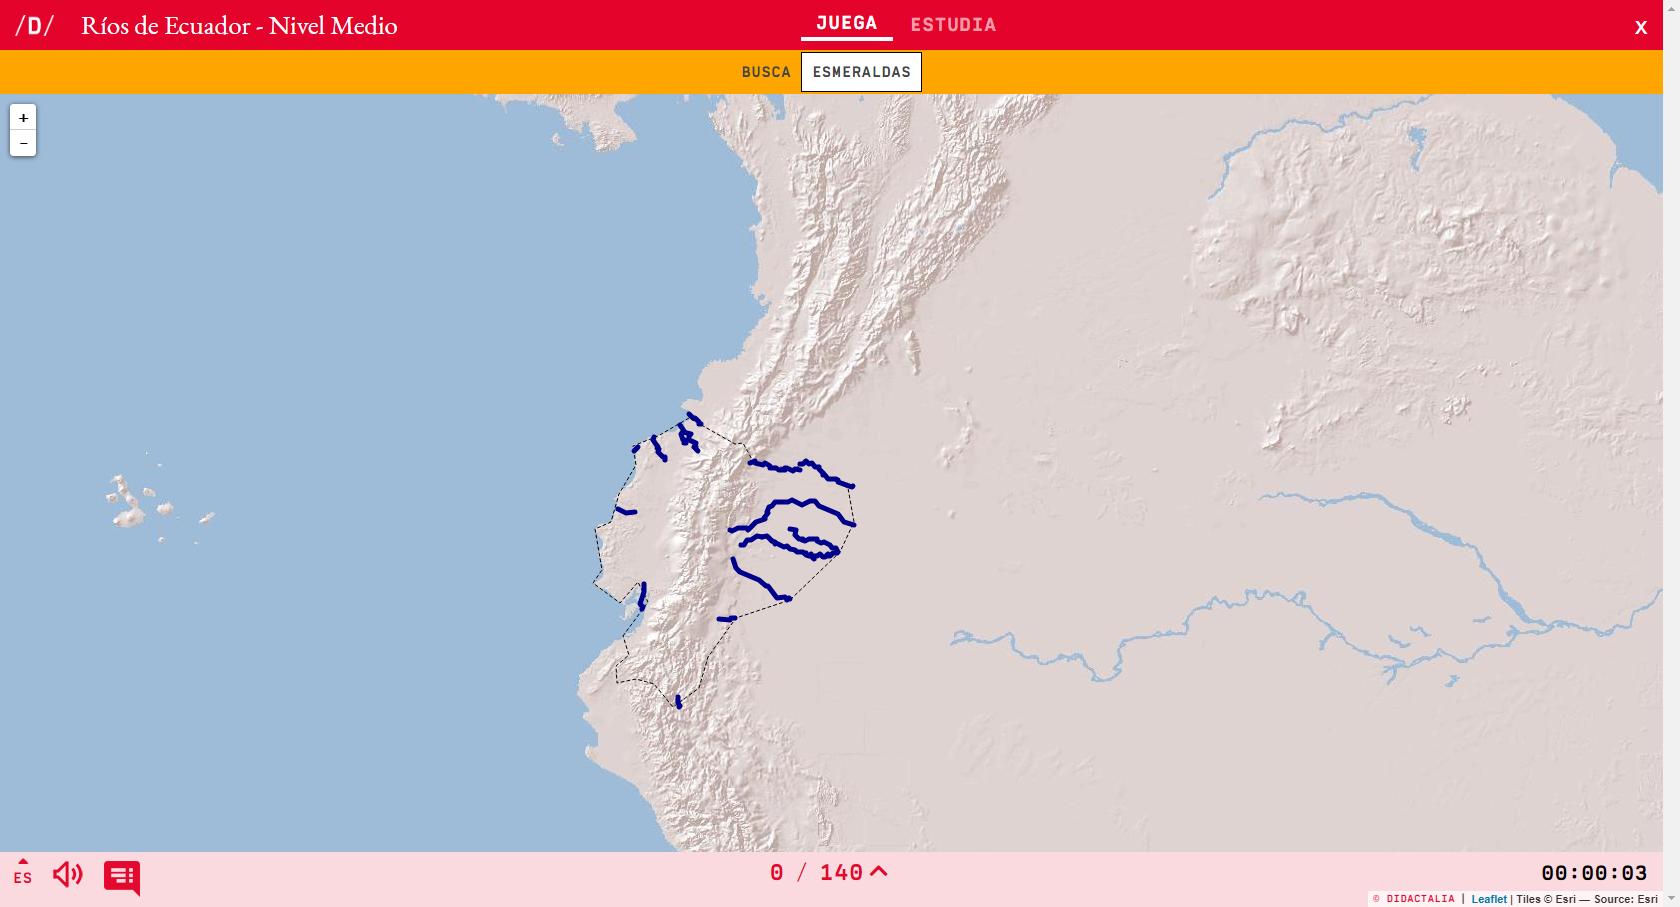 Flüsse von Ecuador - Durchschnittsniveau